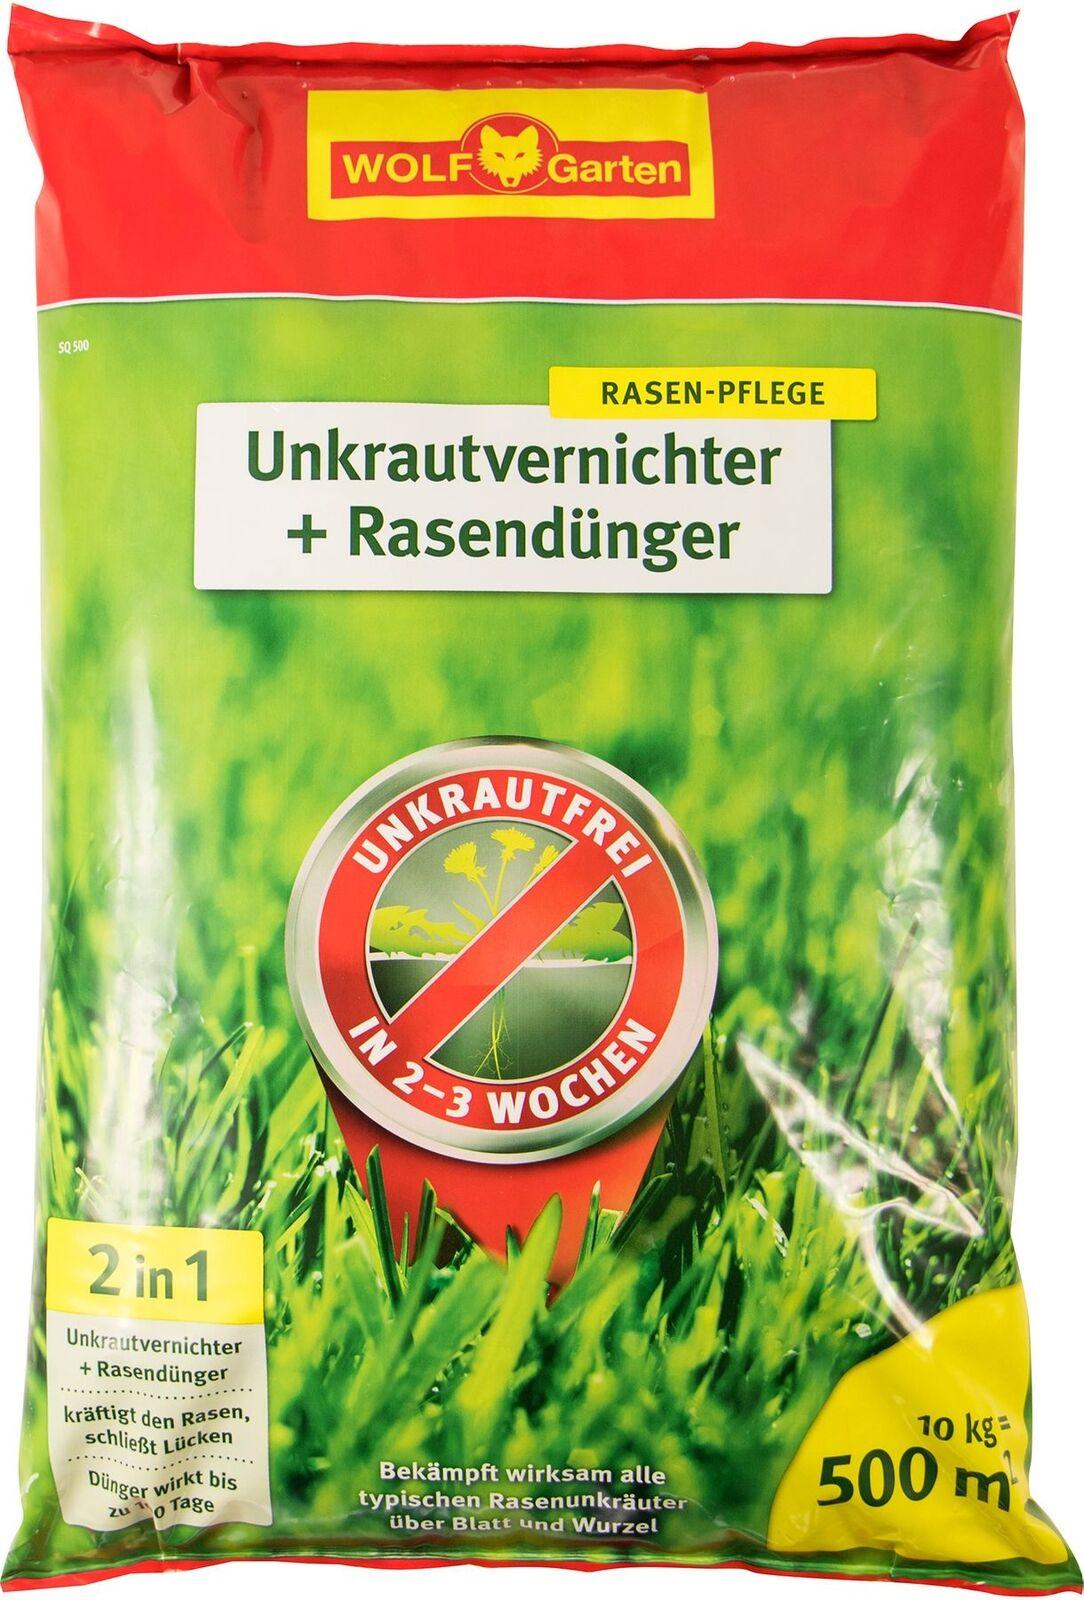 WOLF-Garten SQ 500 Unkrautvernichter plus Rasendünger 10kg für 500m²